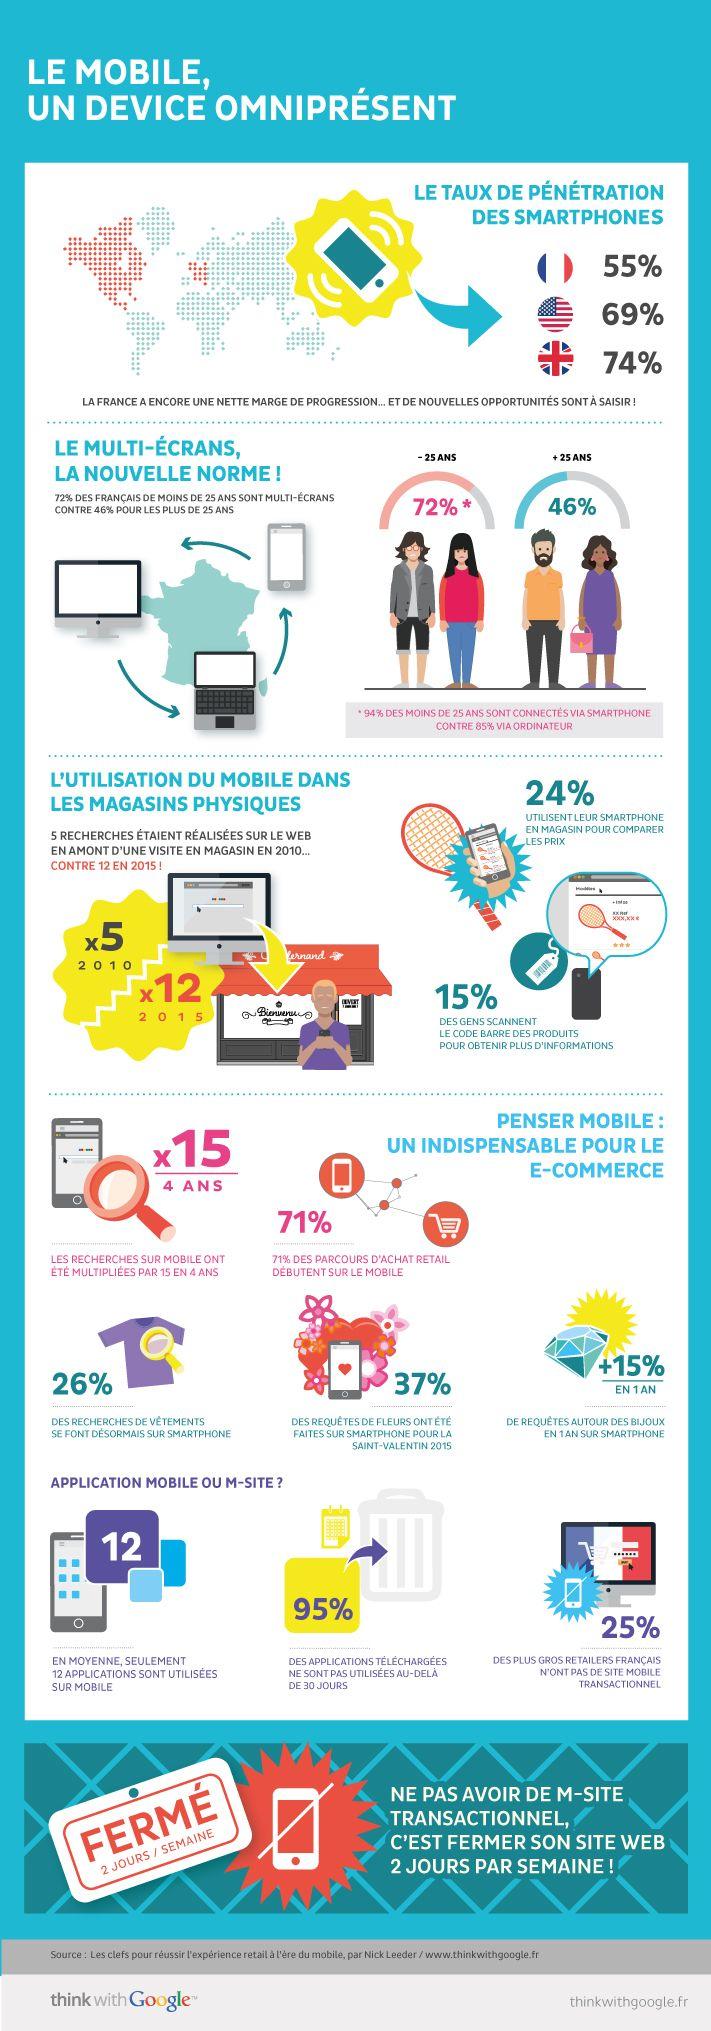 Le mobile, un device omniprésent — Think with Google